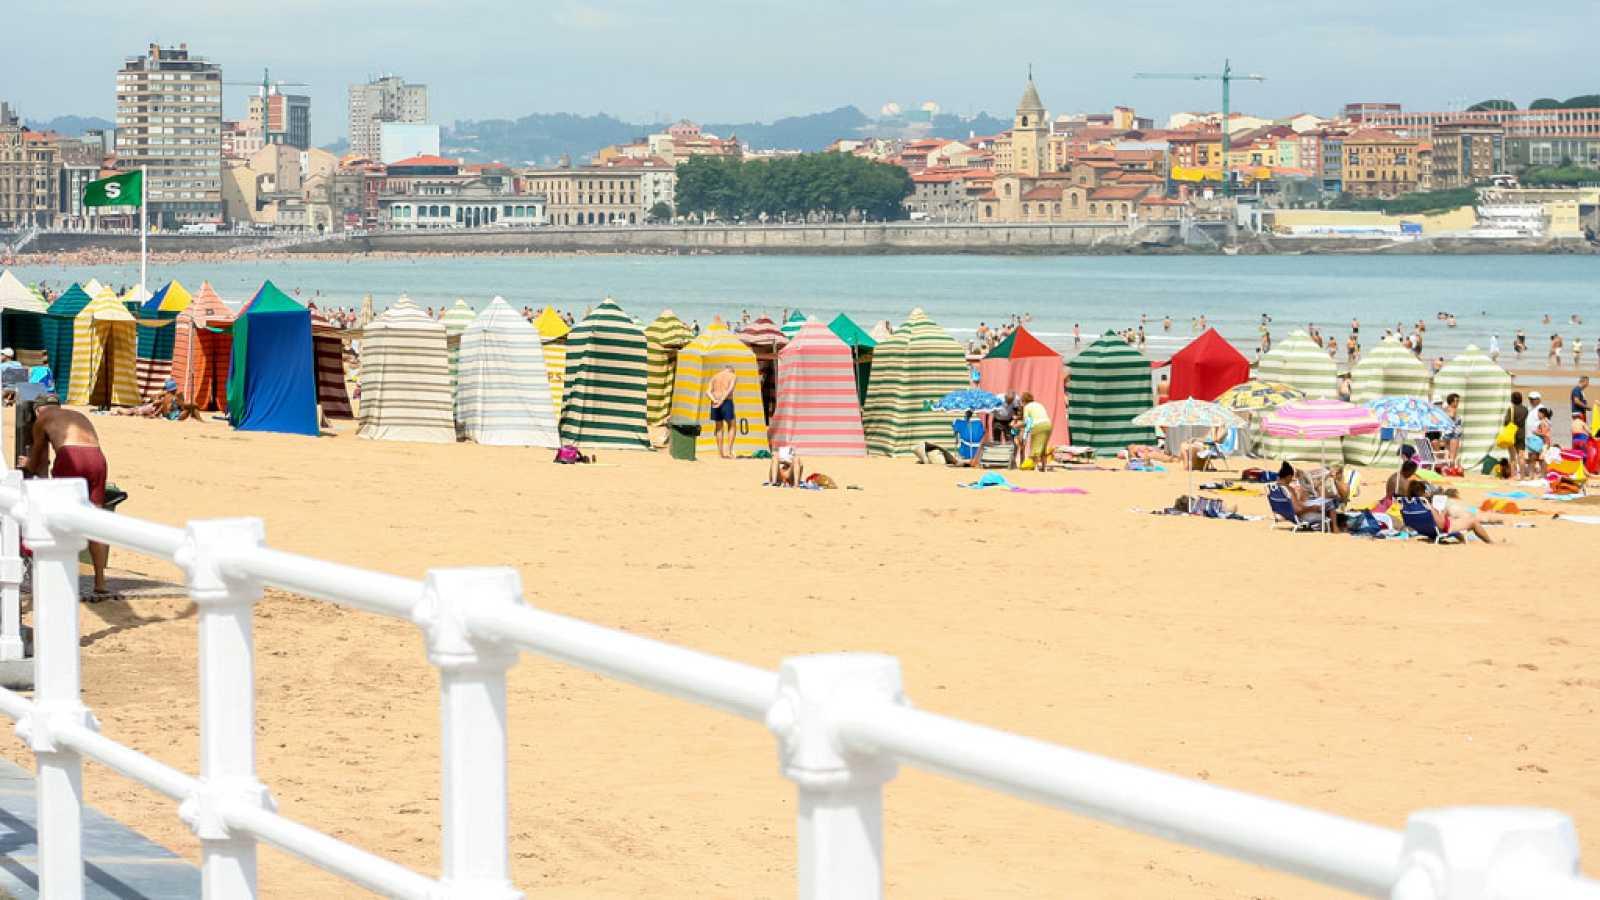 Comando al sol - El verano más deseado - Ver ahora